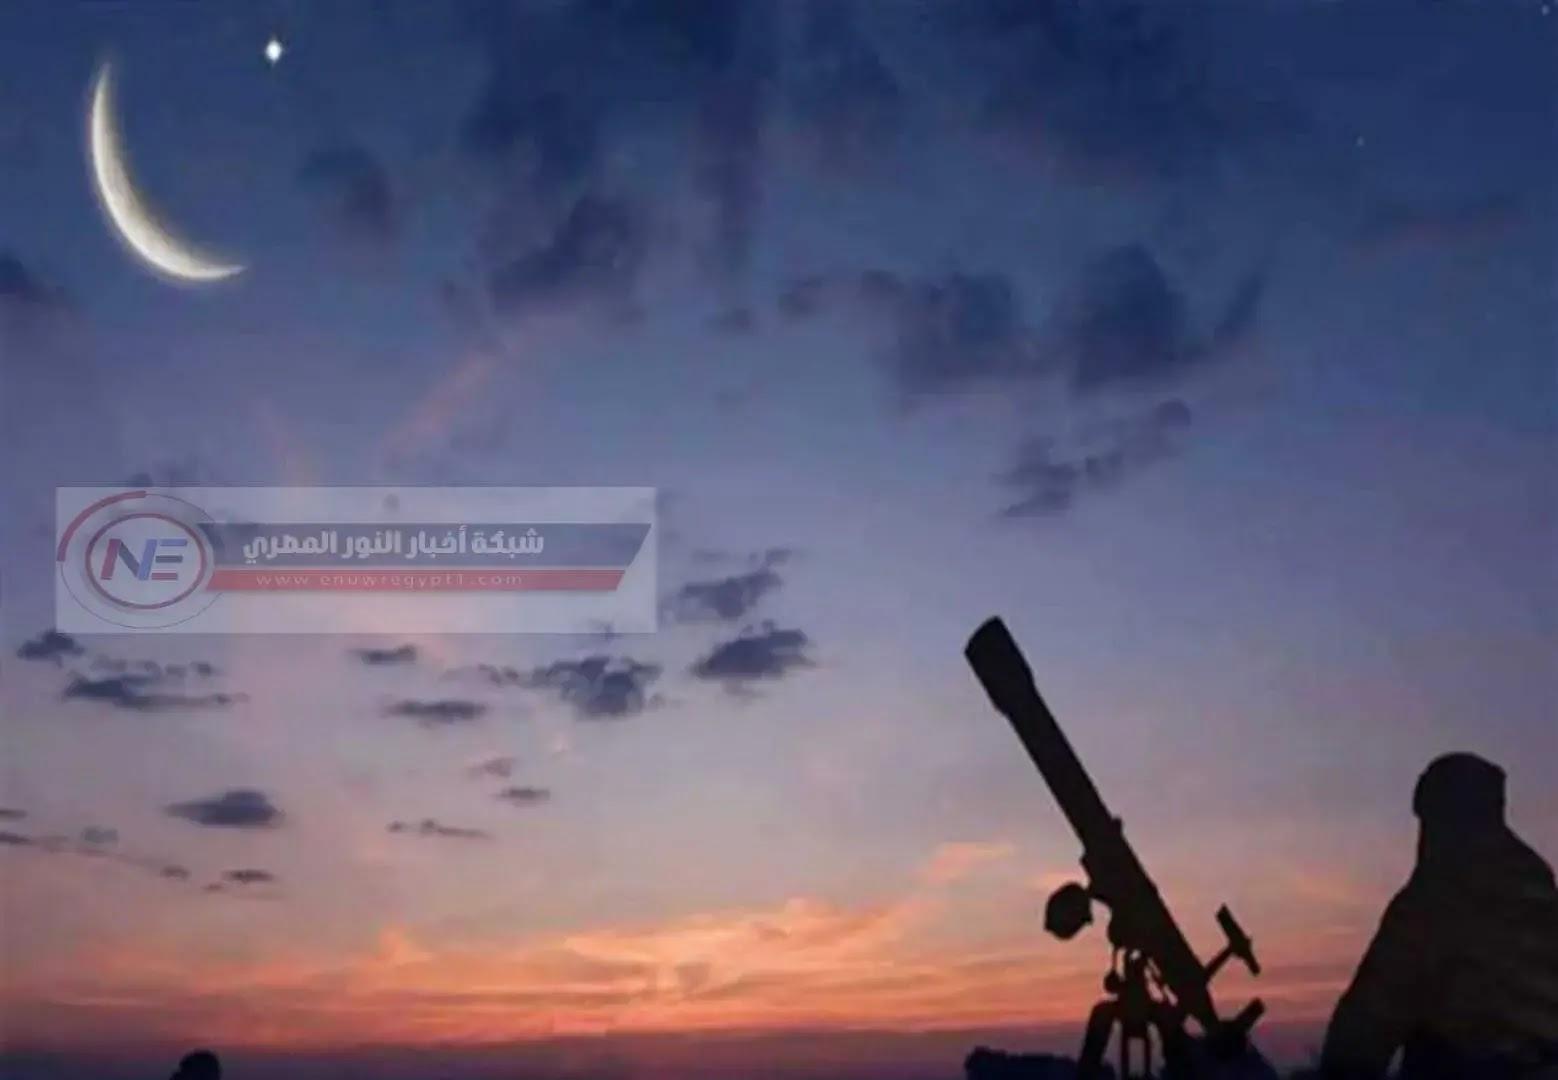 فلكيا ~ أول ايام الشهر الكريم | موعد اول ايام شهر رمضان 2021 | علماء الفلك يعلنون عن اول ايام شهر رمضان 1442-2021 تعرف علي موعد اول ايام رمضان لعام 1442